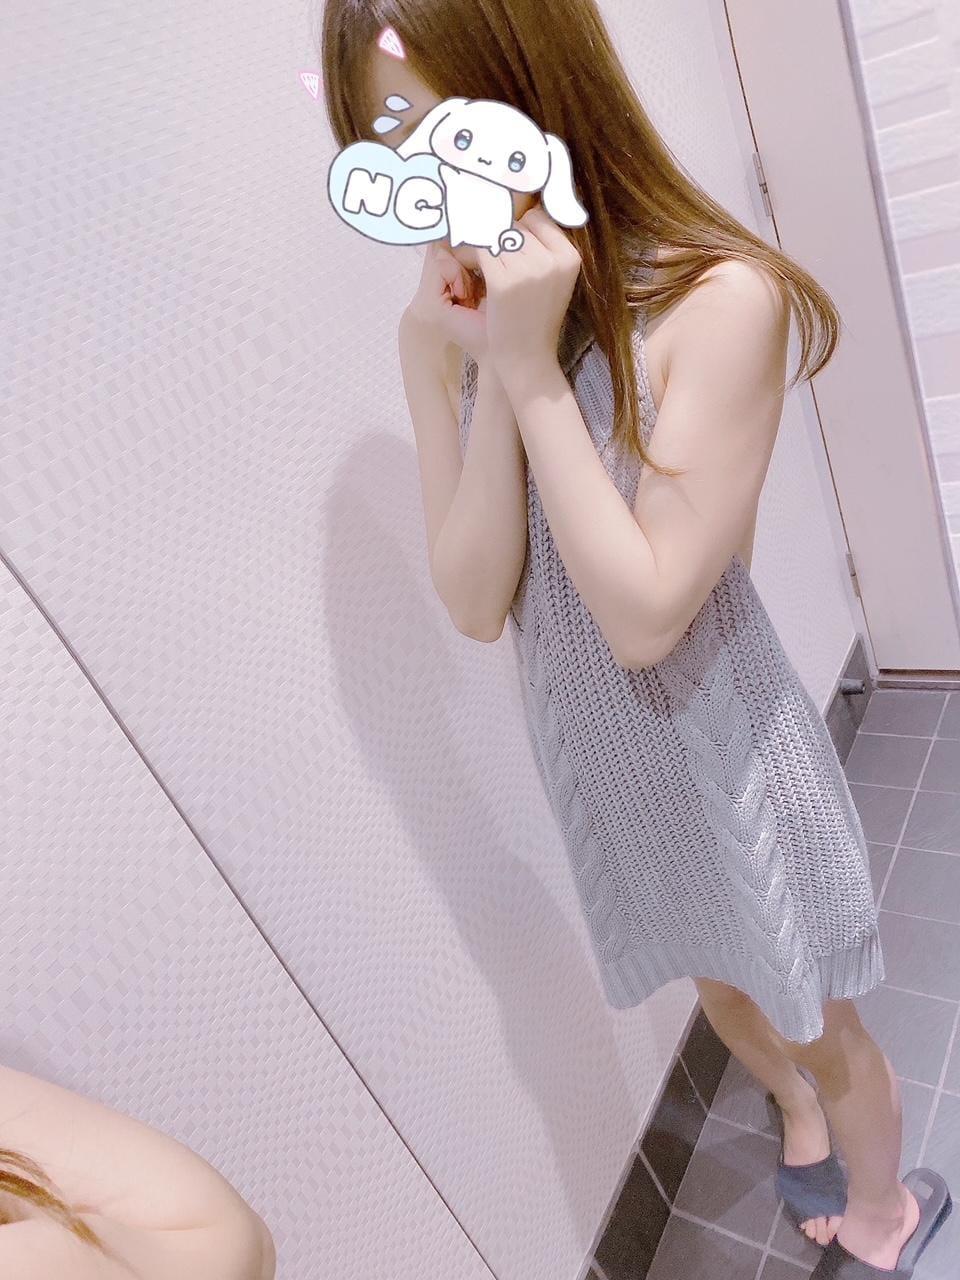 「天使さま〜」02/09(02/09) 11:33 | 希島の写メ・風俗動画